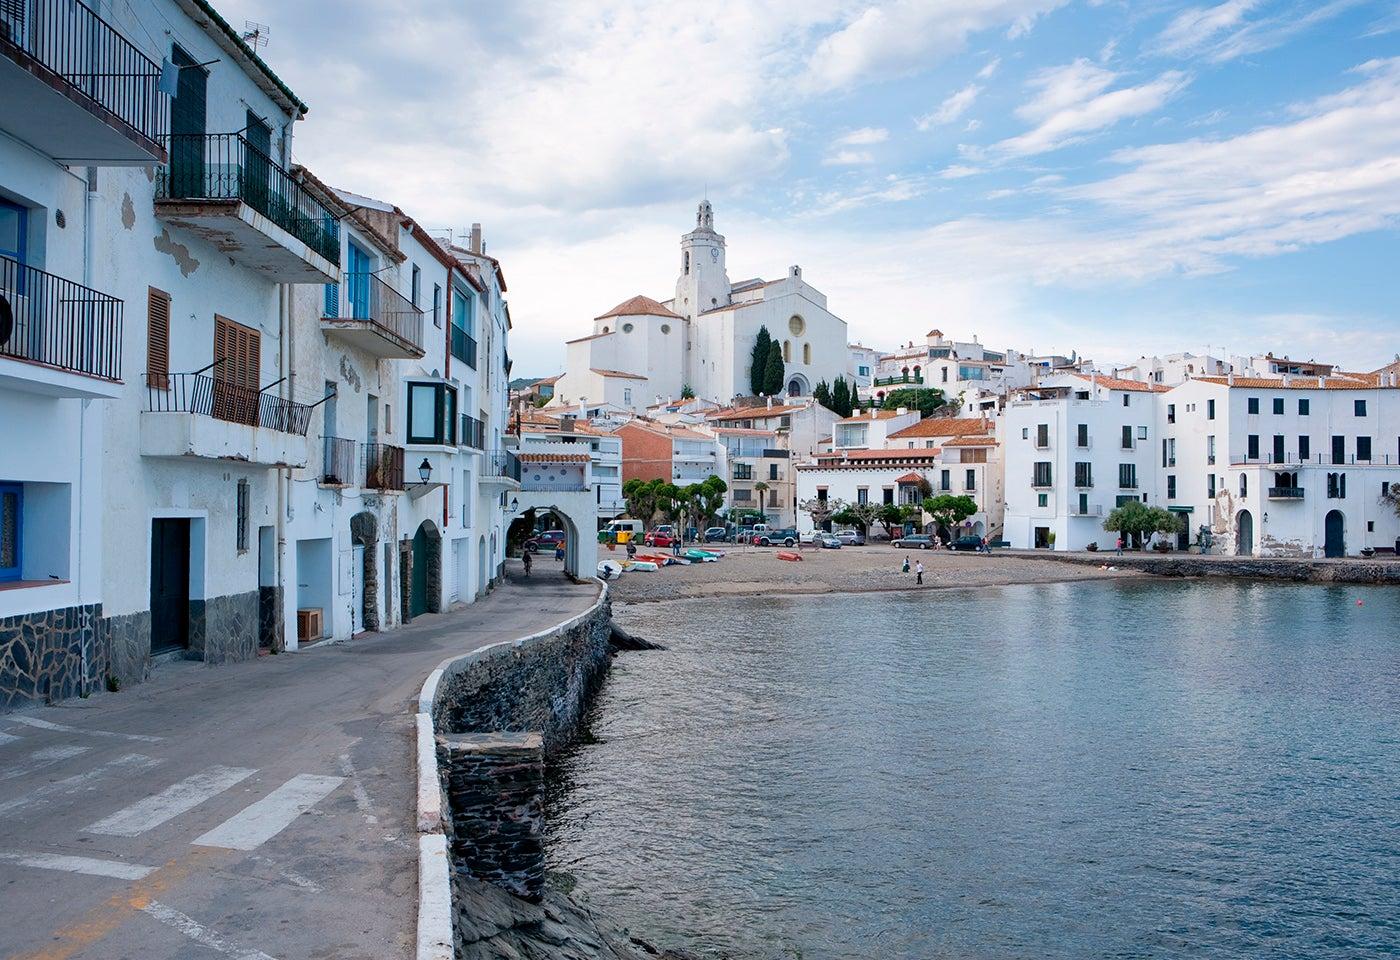 Vista de Cadaqués, un pueblo pesquero de la Costa Brava